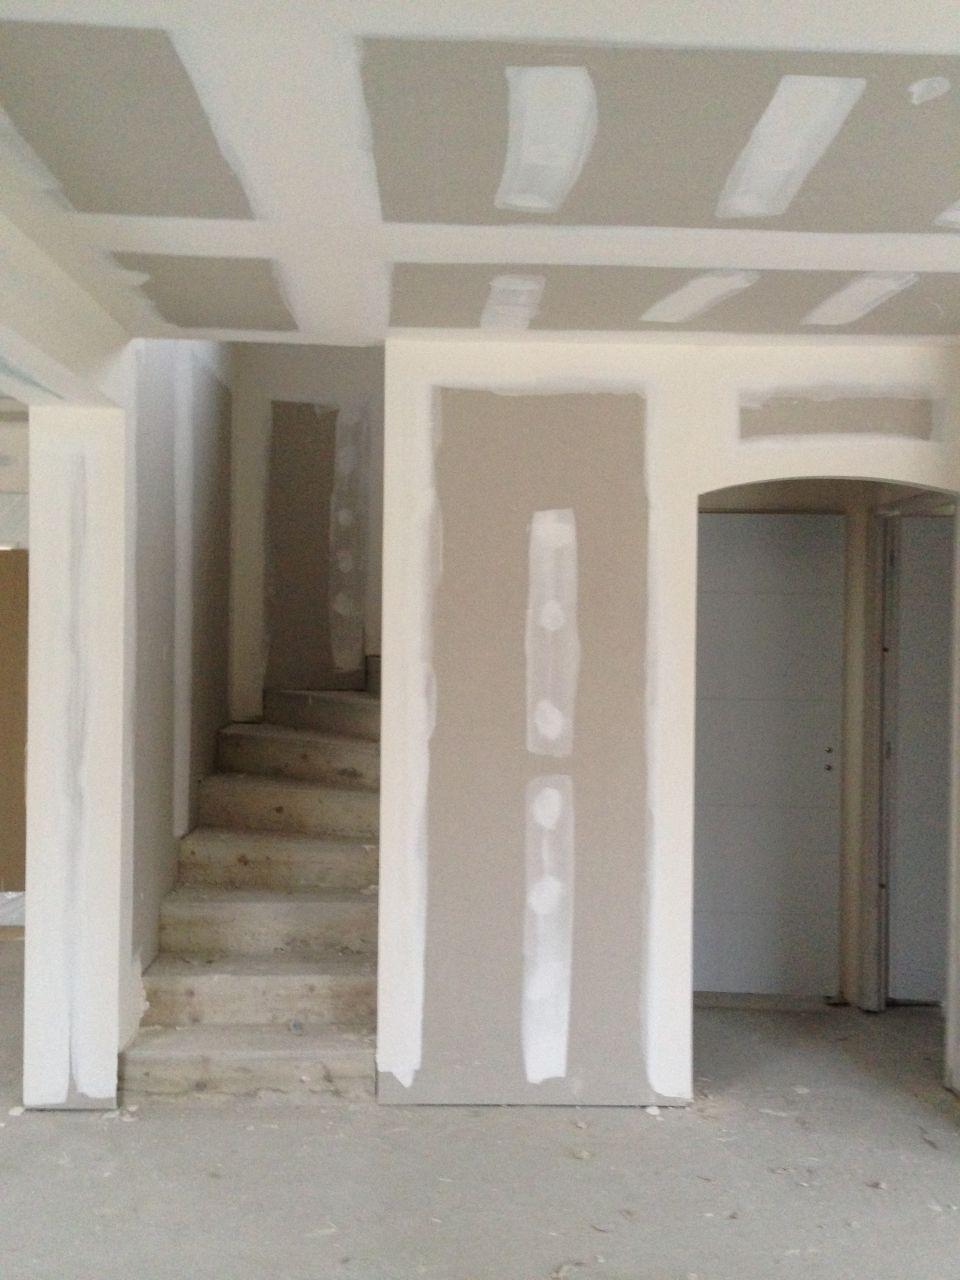 Vu de l'escalier et des portes du cellier et toilette.